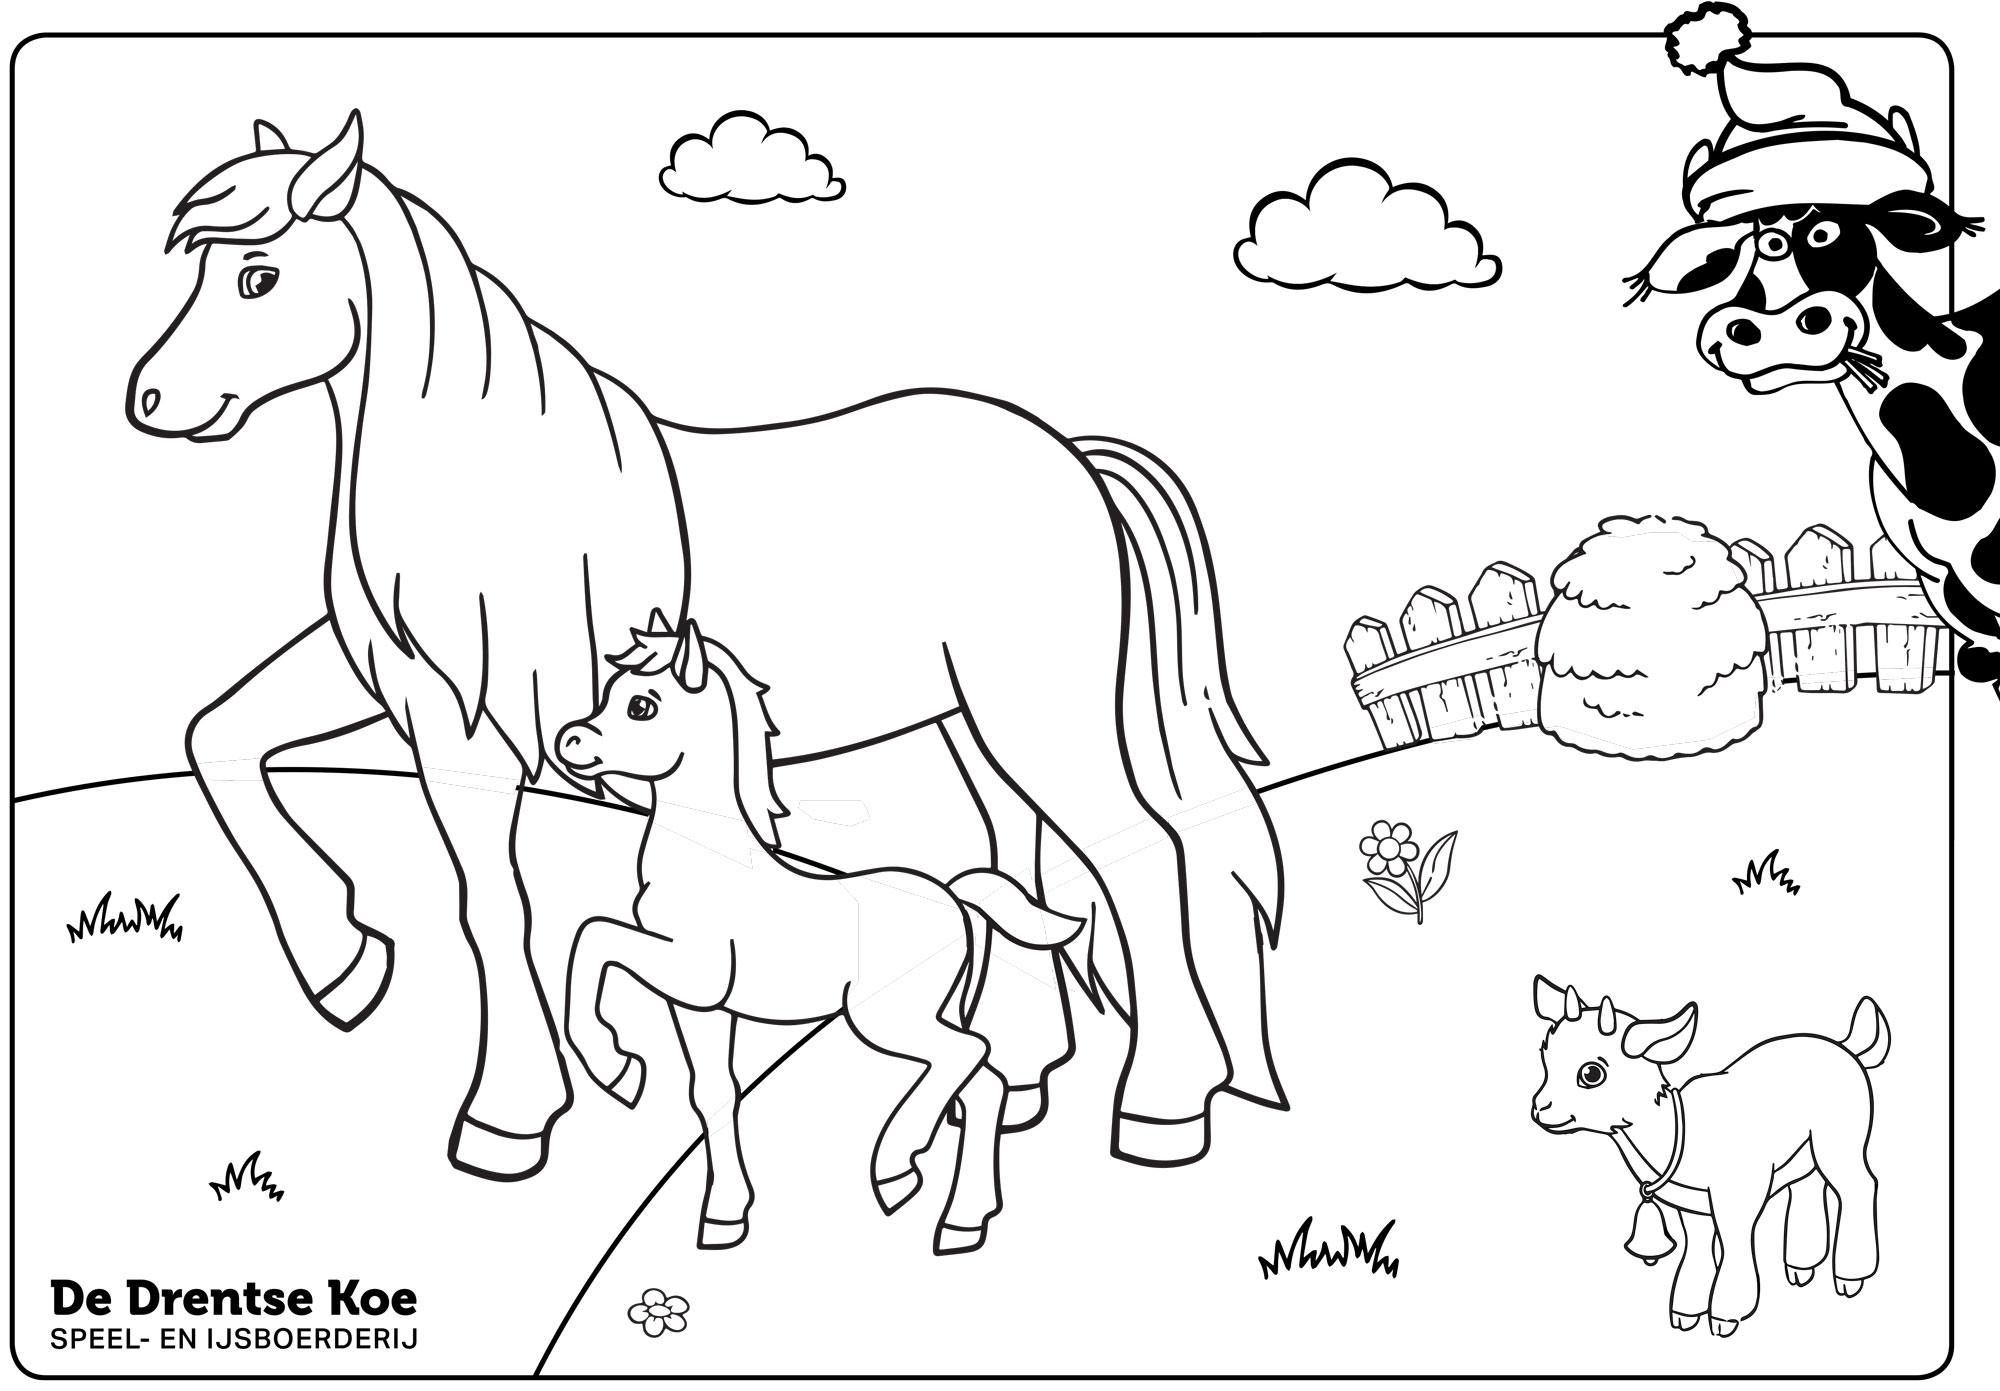 Kleurplaat De Drentse Koe pony